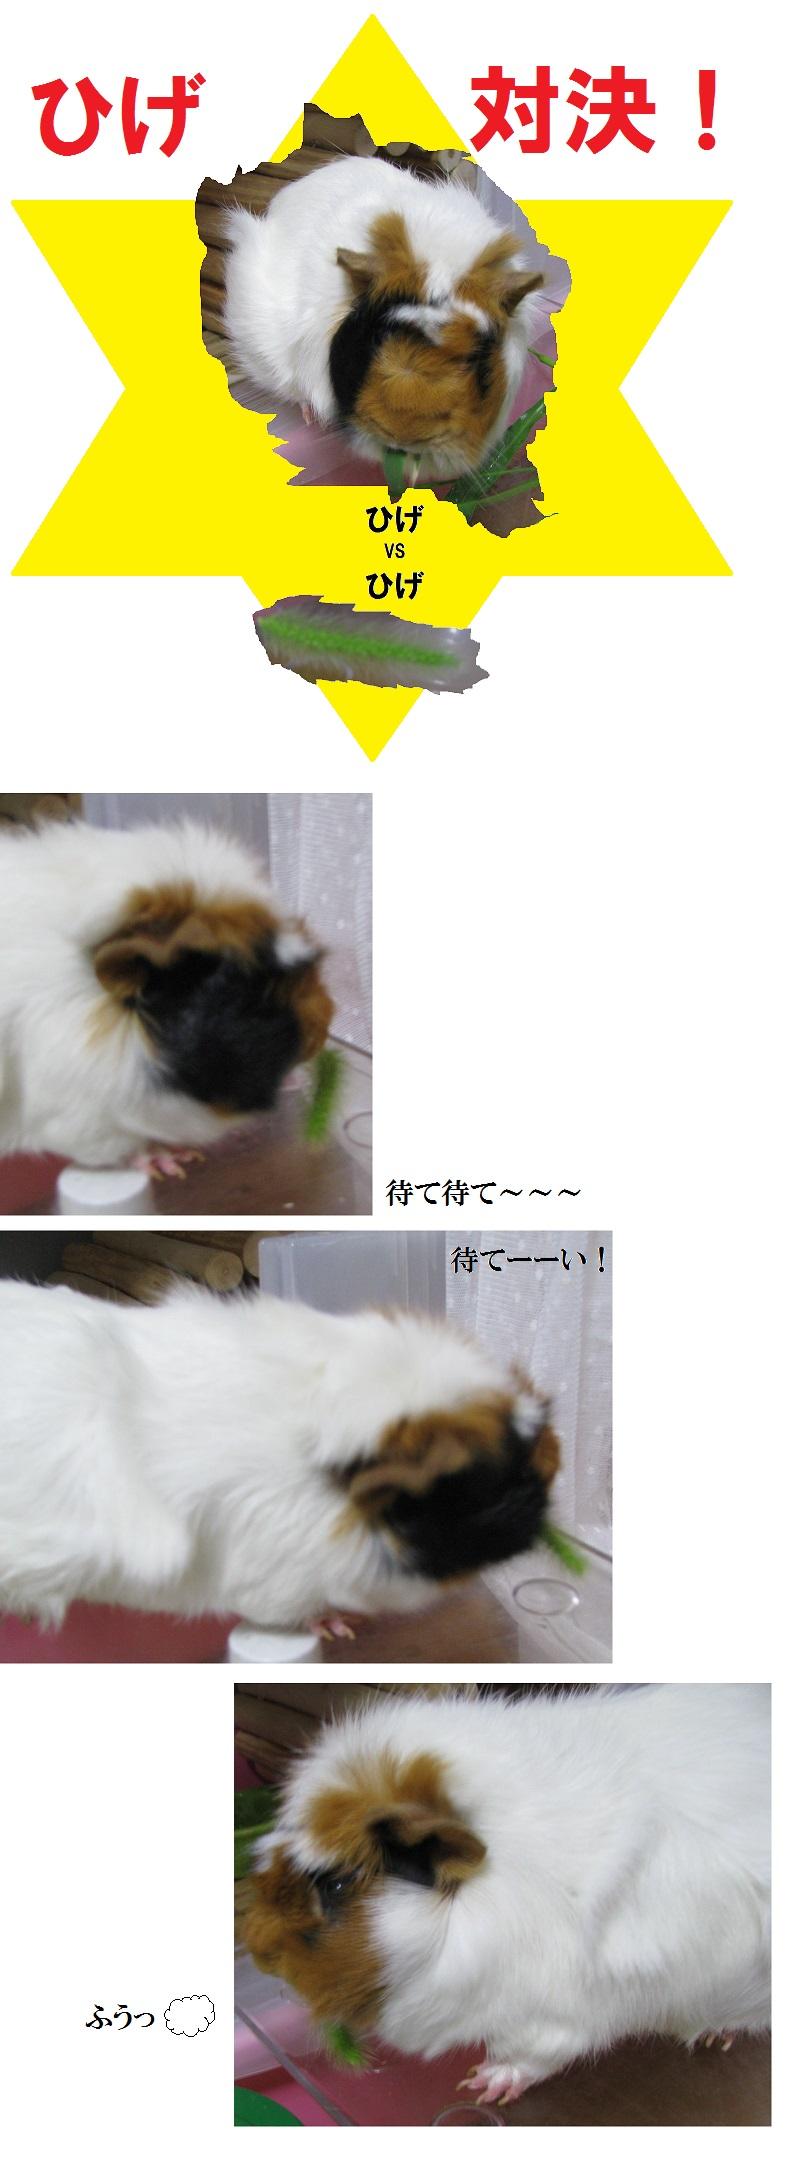 IMG_ひげ対決2646